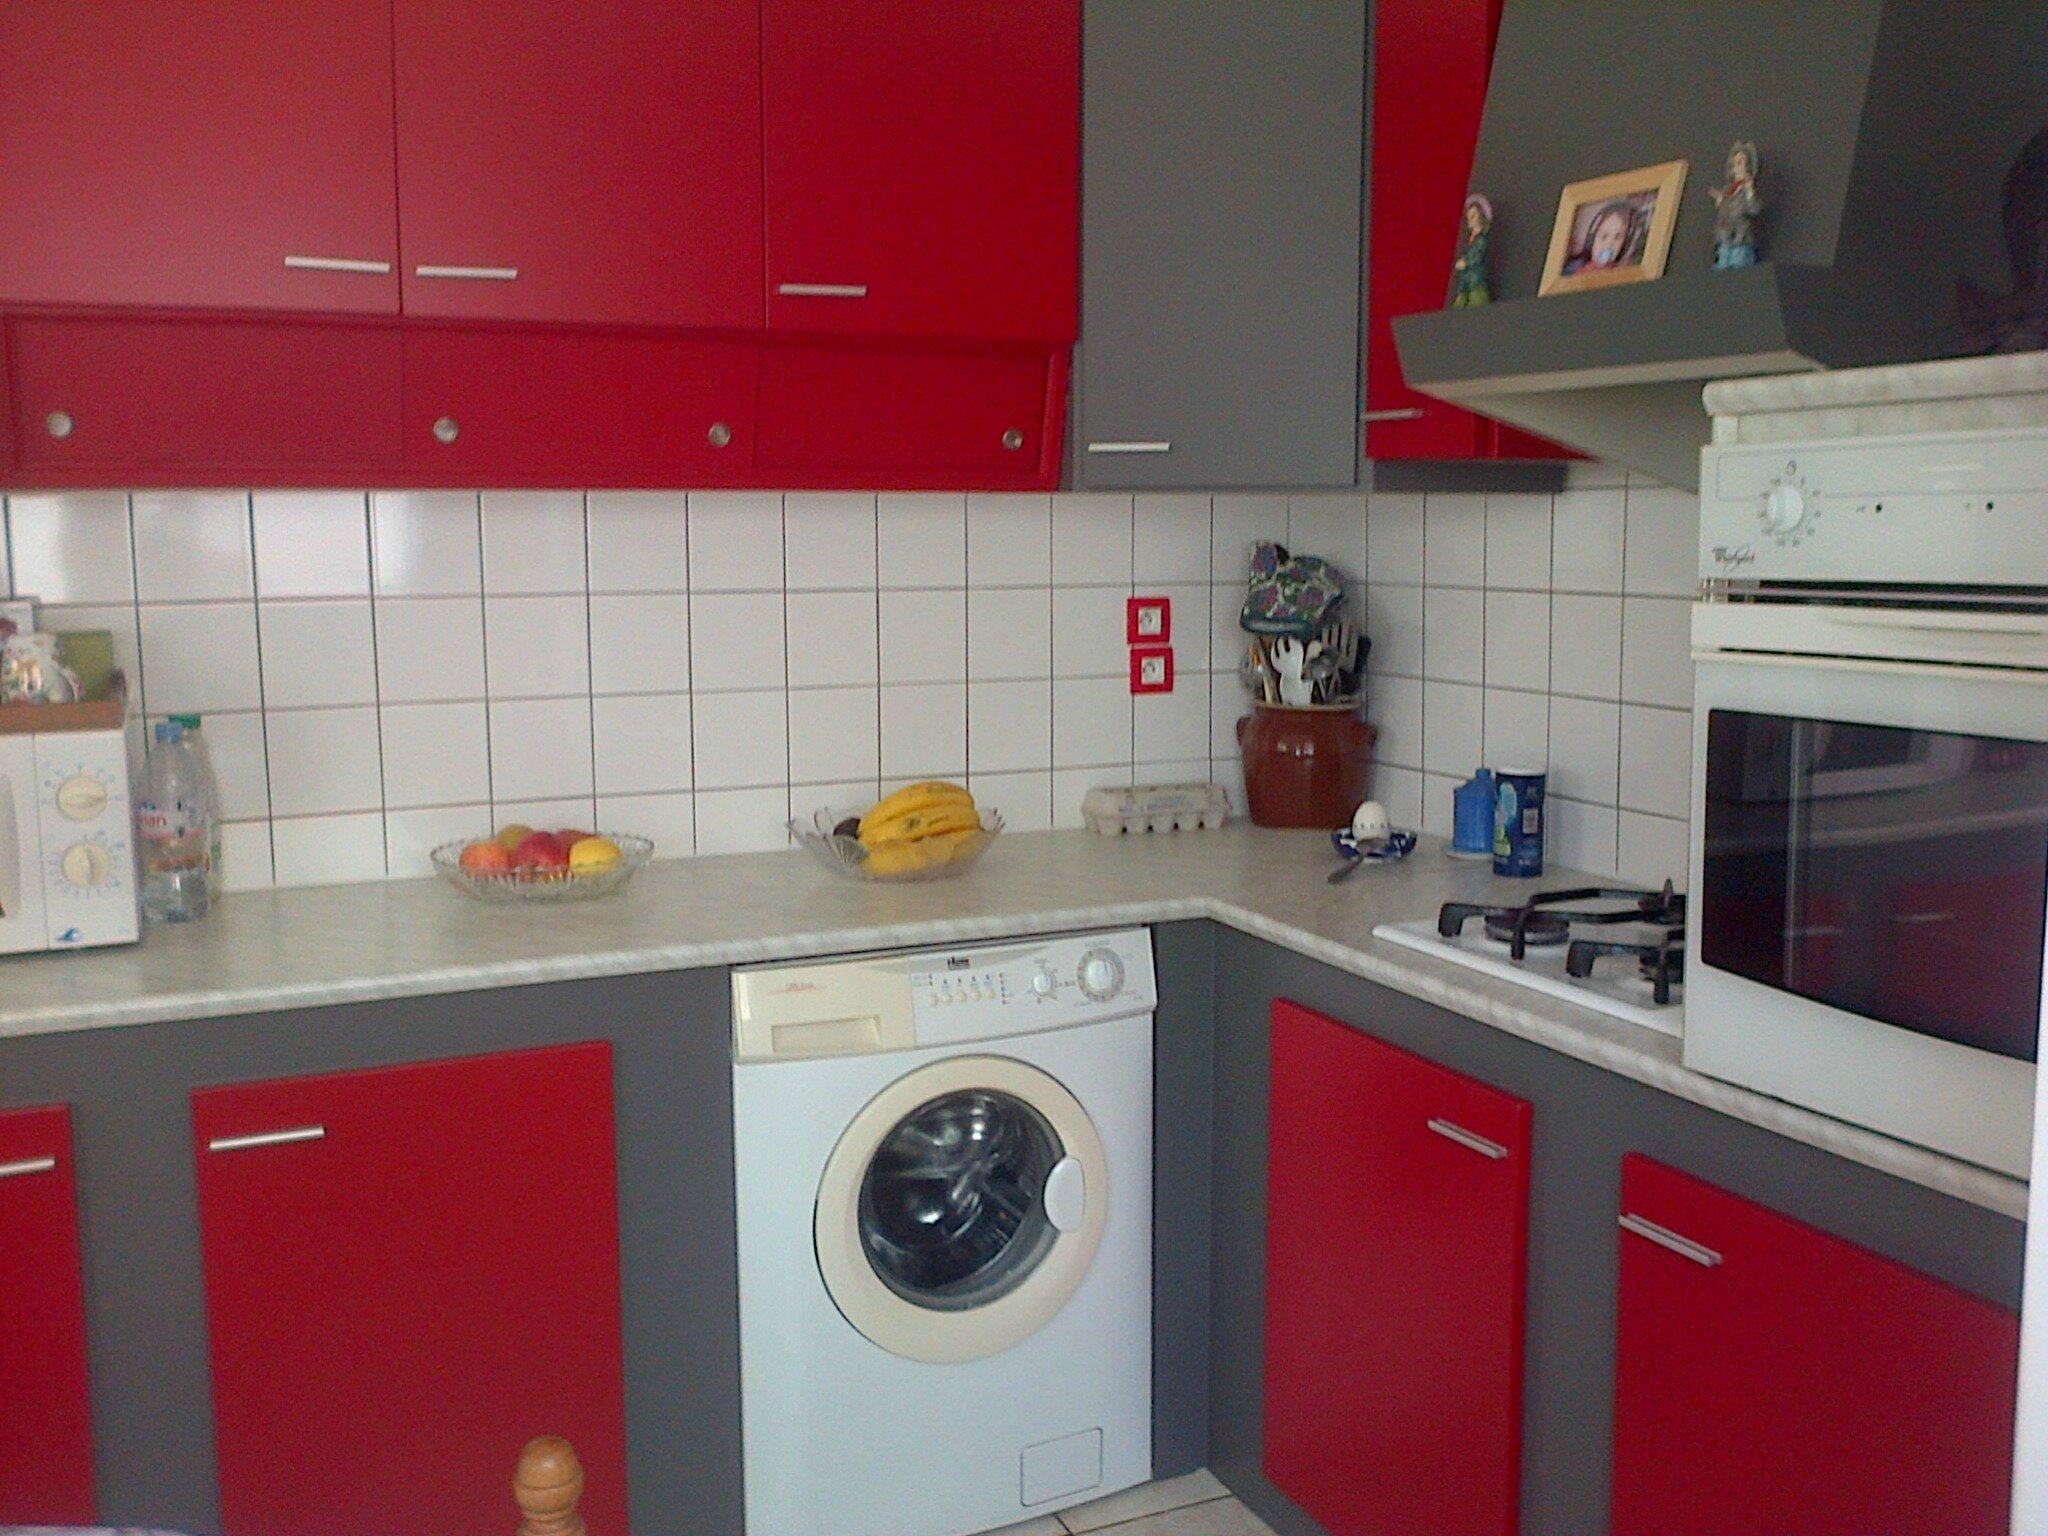 le basalte et le rouge passion donnent un air de neuf a cette cuisine de plus de 30 ans qui. Black Bedroom Furniture Sets. Home Design Ideas